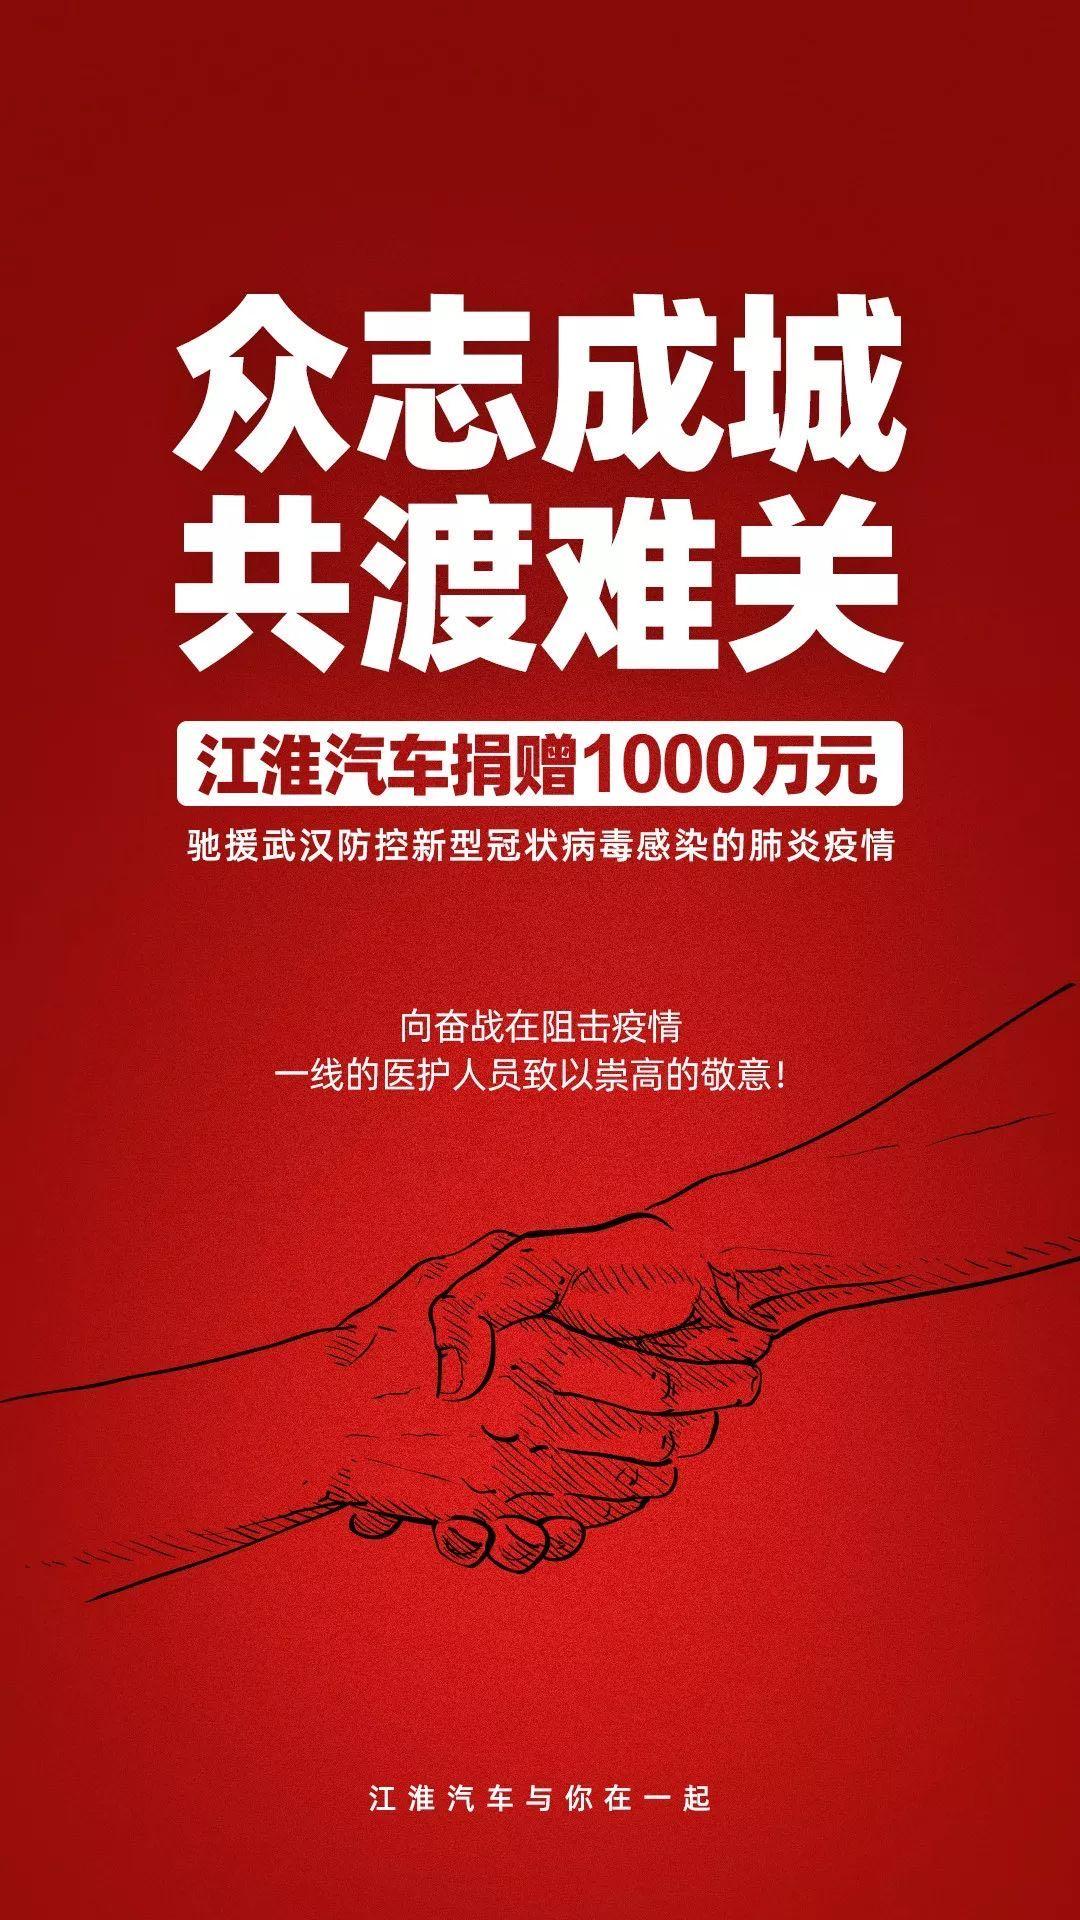 捐赠1000万元现金 江淮汽车驰援疫区